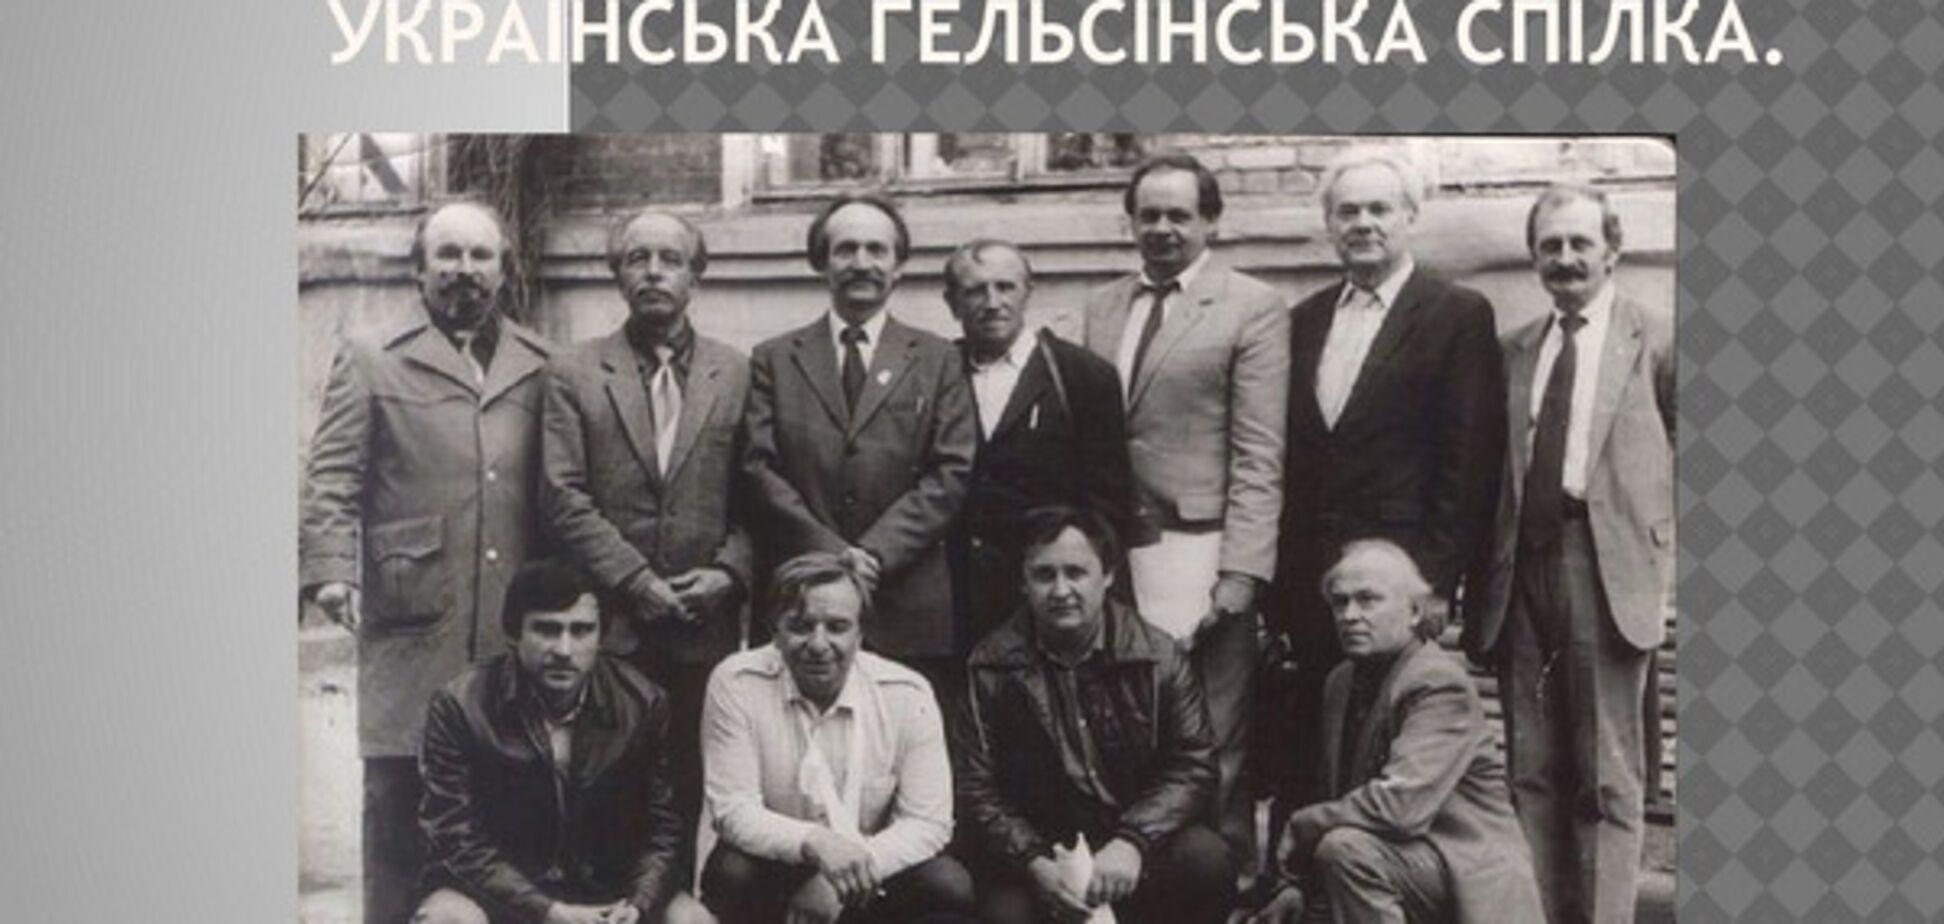 Чорновіл, Лук'яненко та інші: опубліковані документи КДБ щодо Української Гельсінської групи